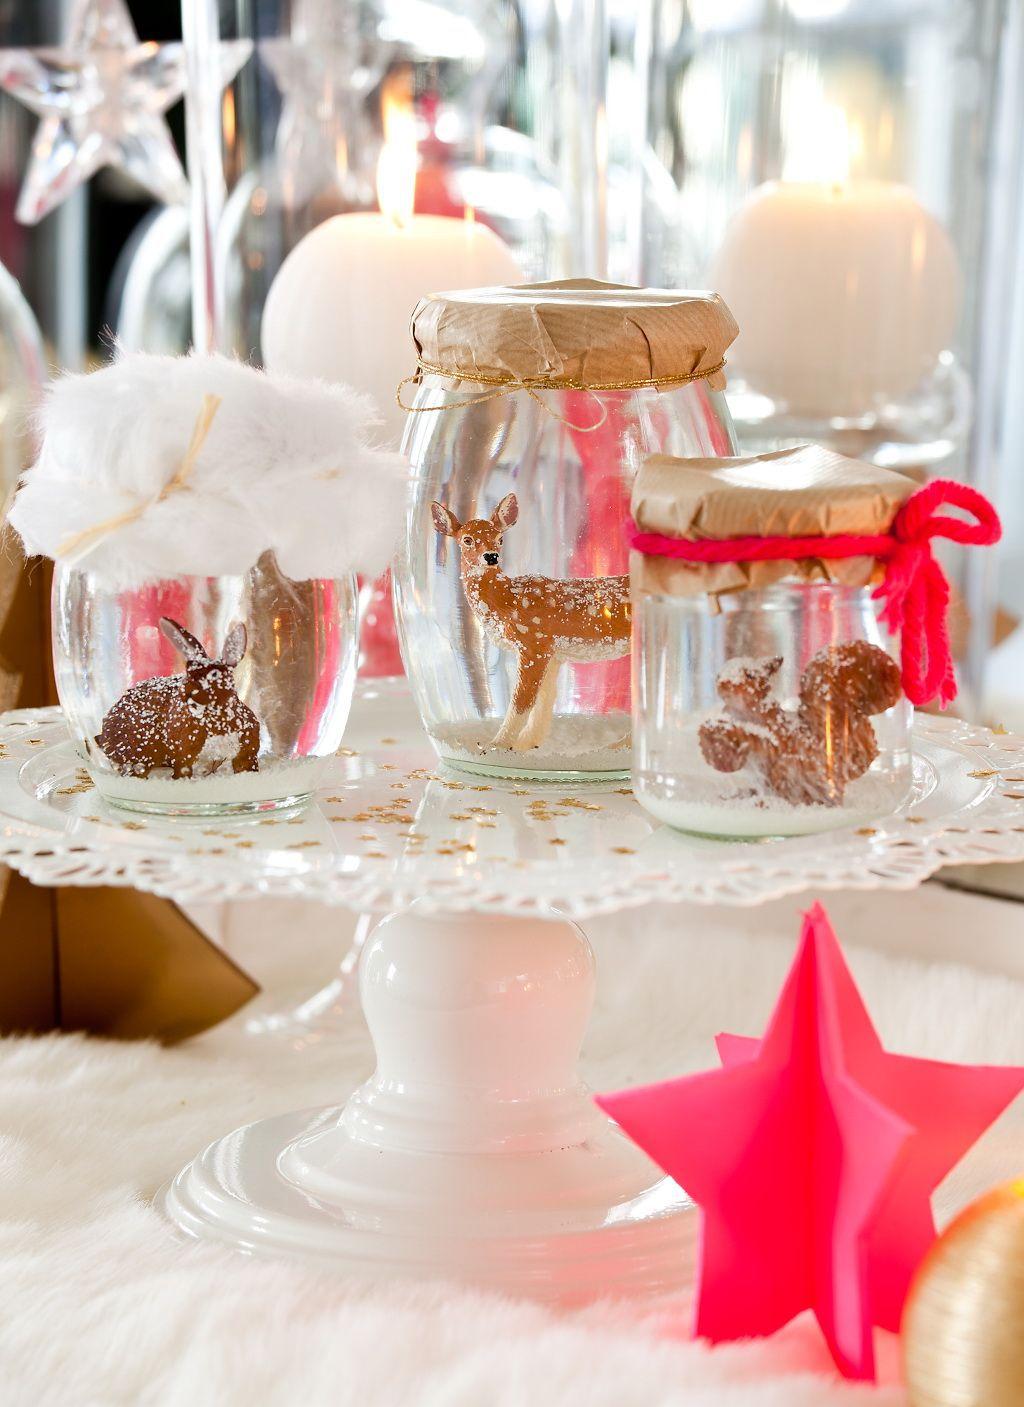 Ma table de no l s 39 invite la f te oh mon int rieur for Decoration de noel pour table